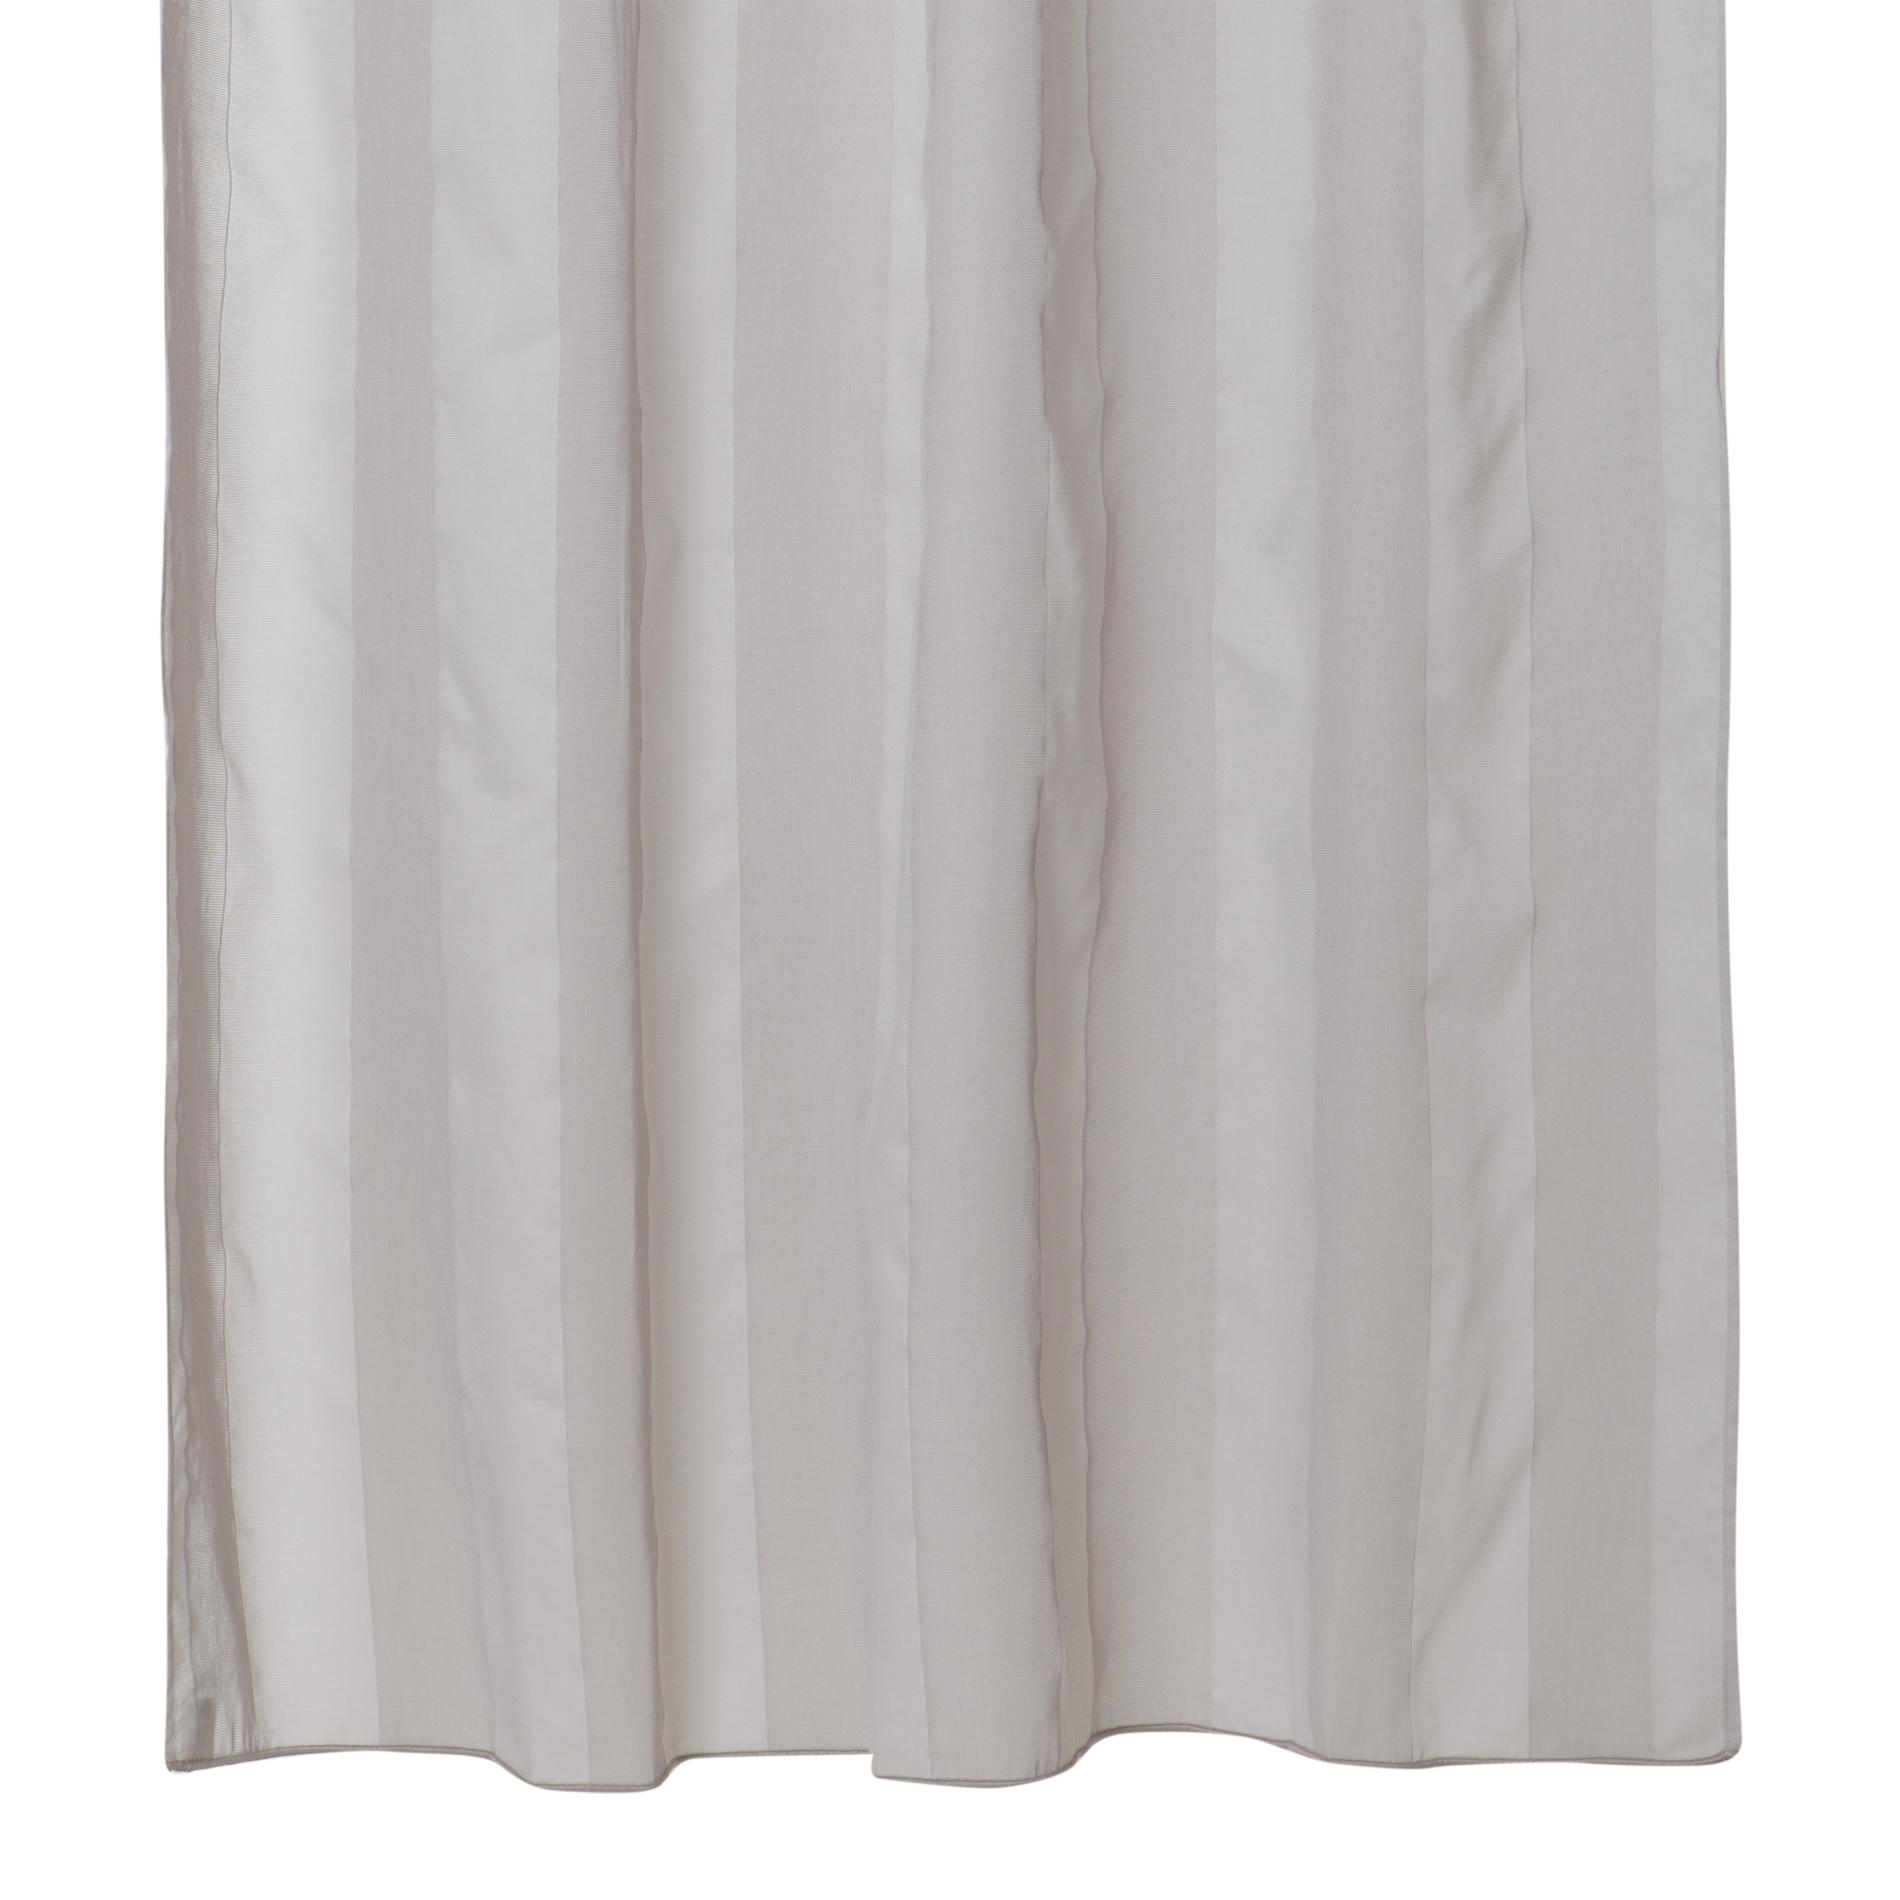 Curtain Vertical Striped Coincasa